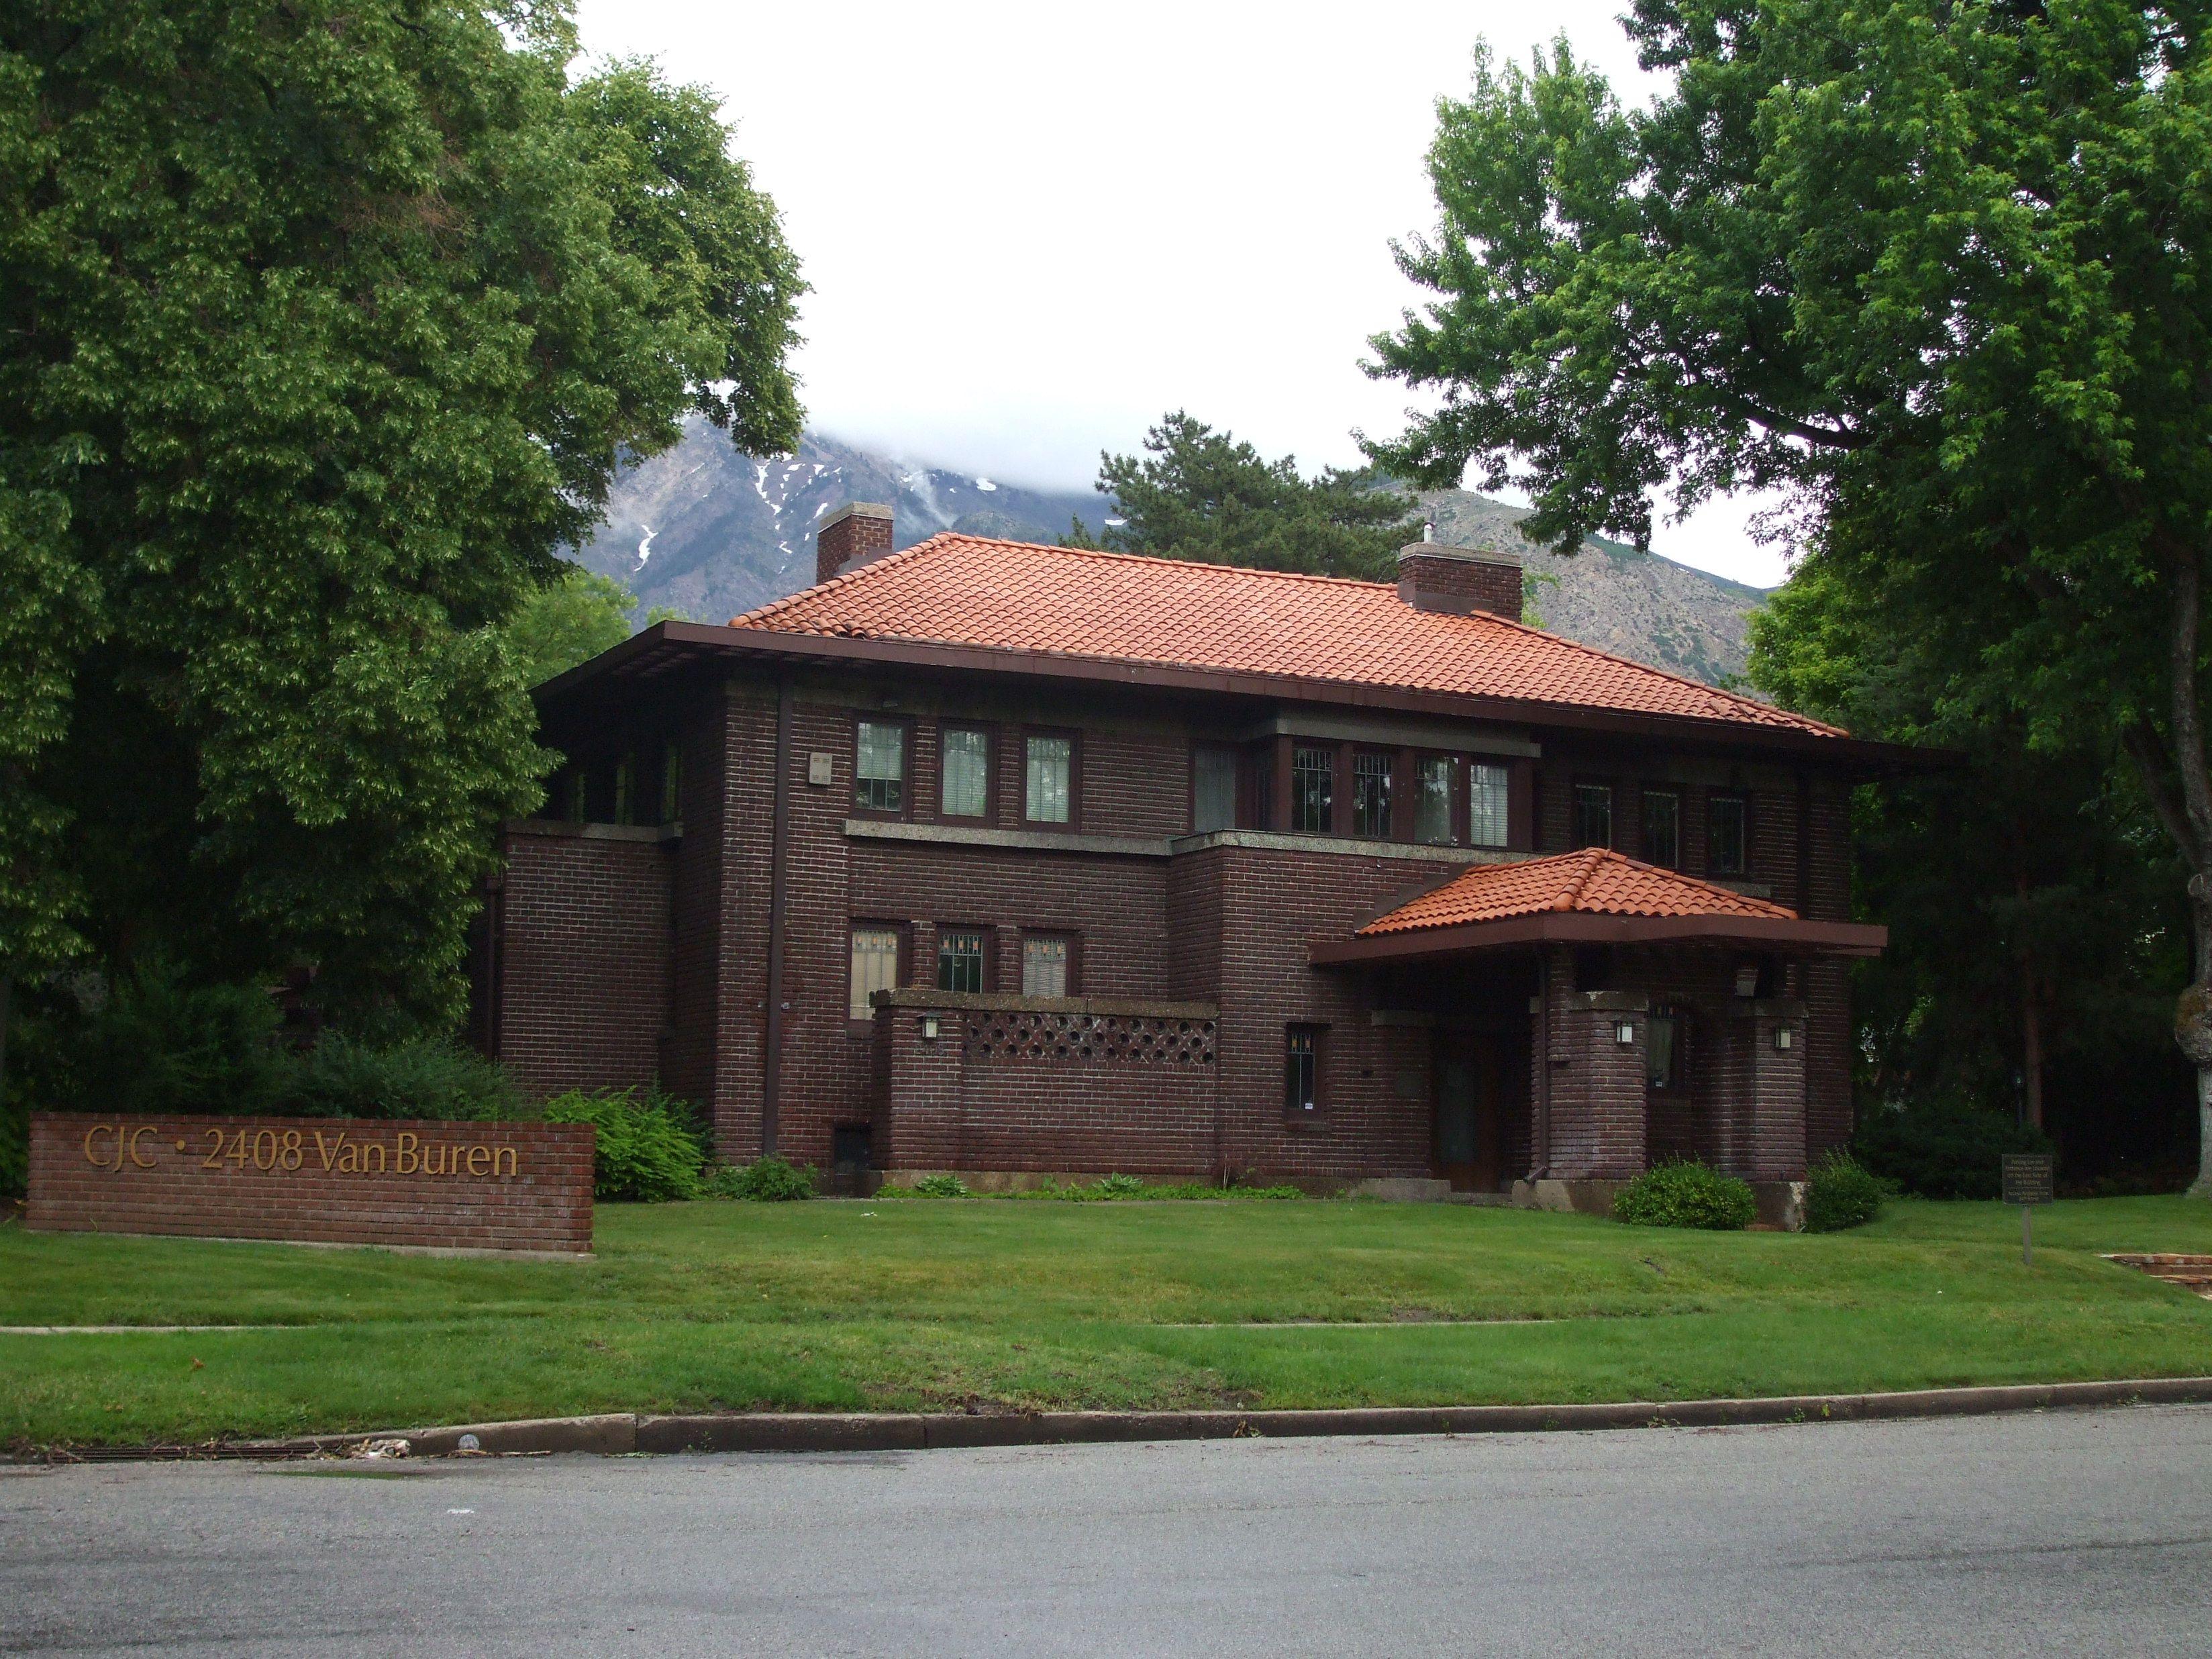 Gustav Becker House ogden utah